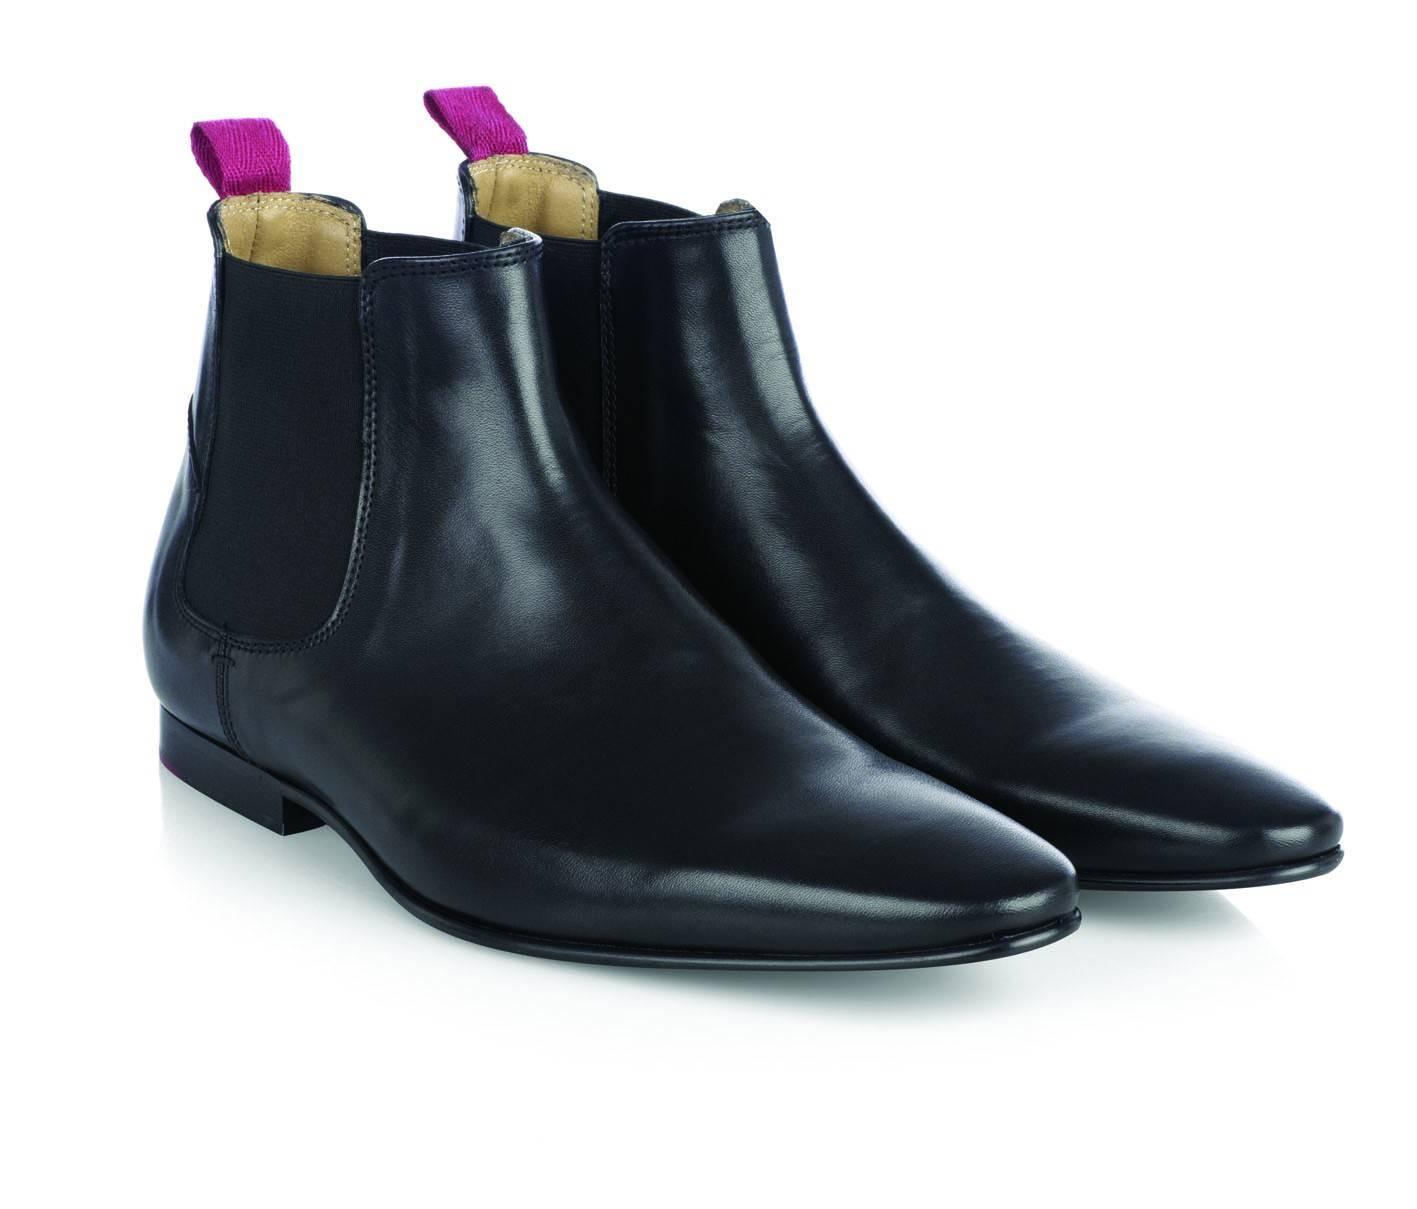 Обувь Челси Kensington от MercLondon